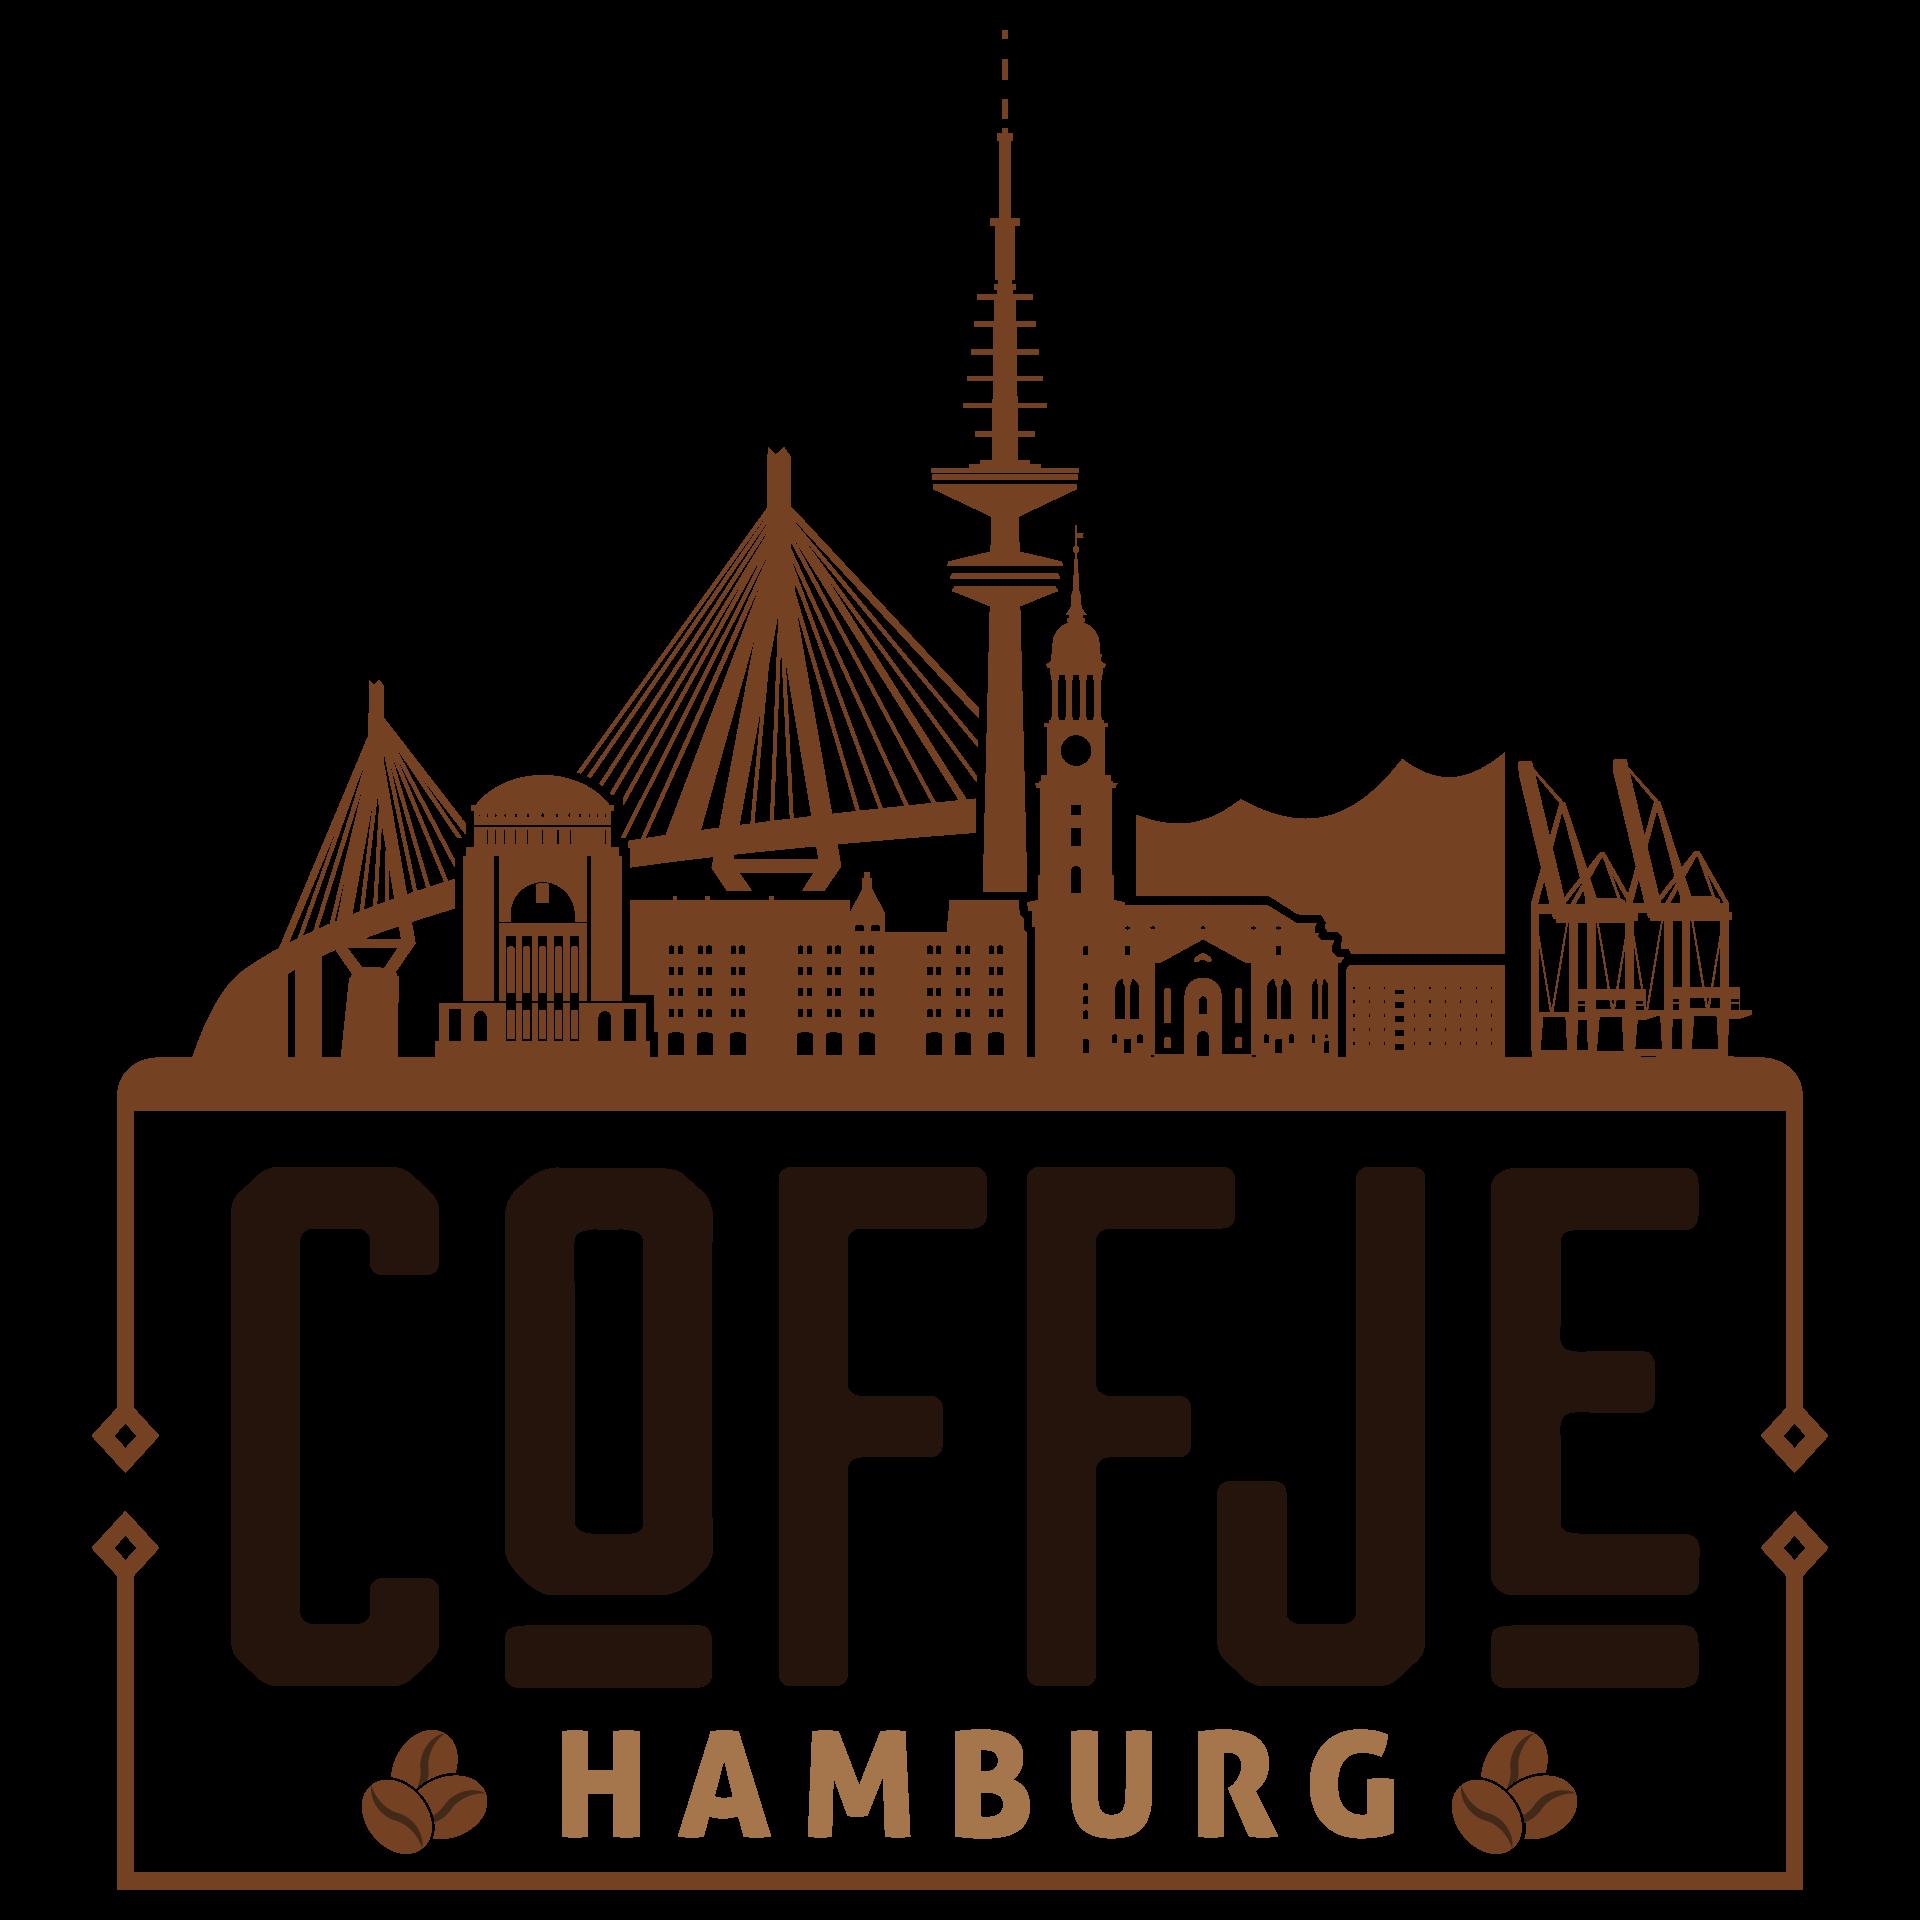 Coffje Hamburg